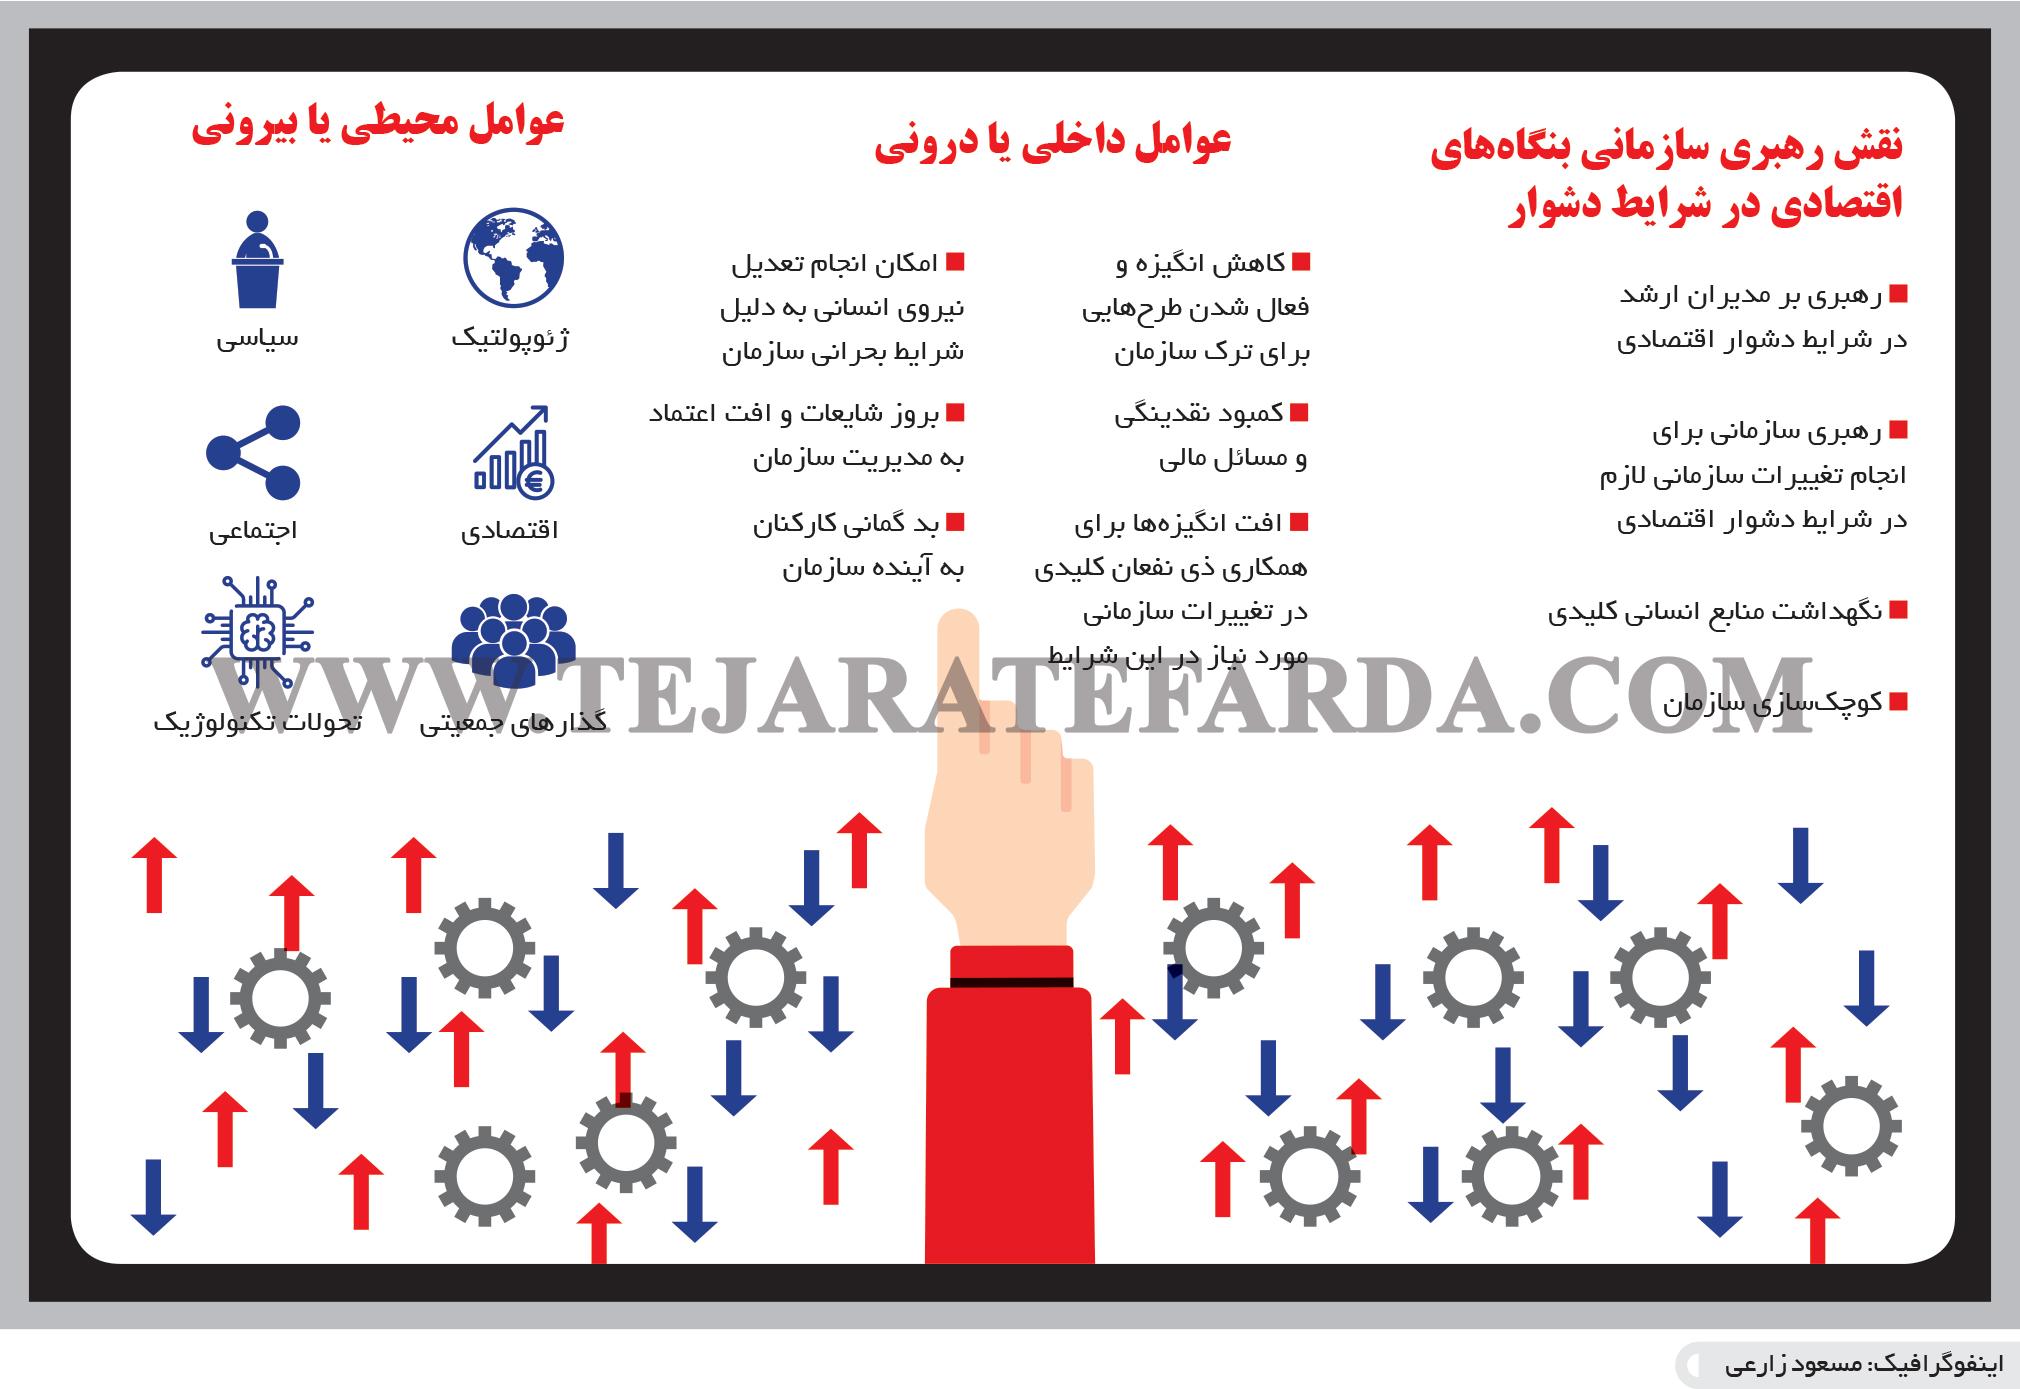 تجارت- فردا- نقش رهبری سازمانی بنگاههای اقتصادی در شرایط دشوار (اینفوگرافیک)